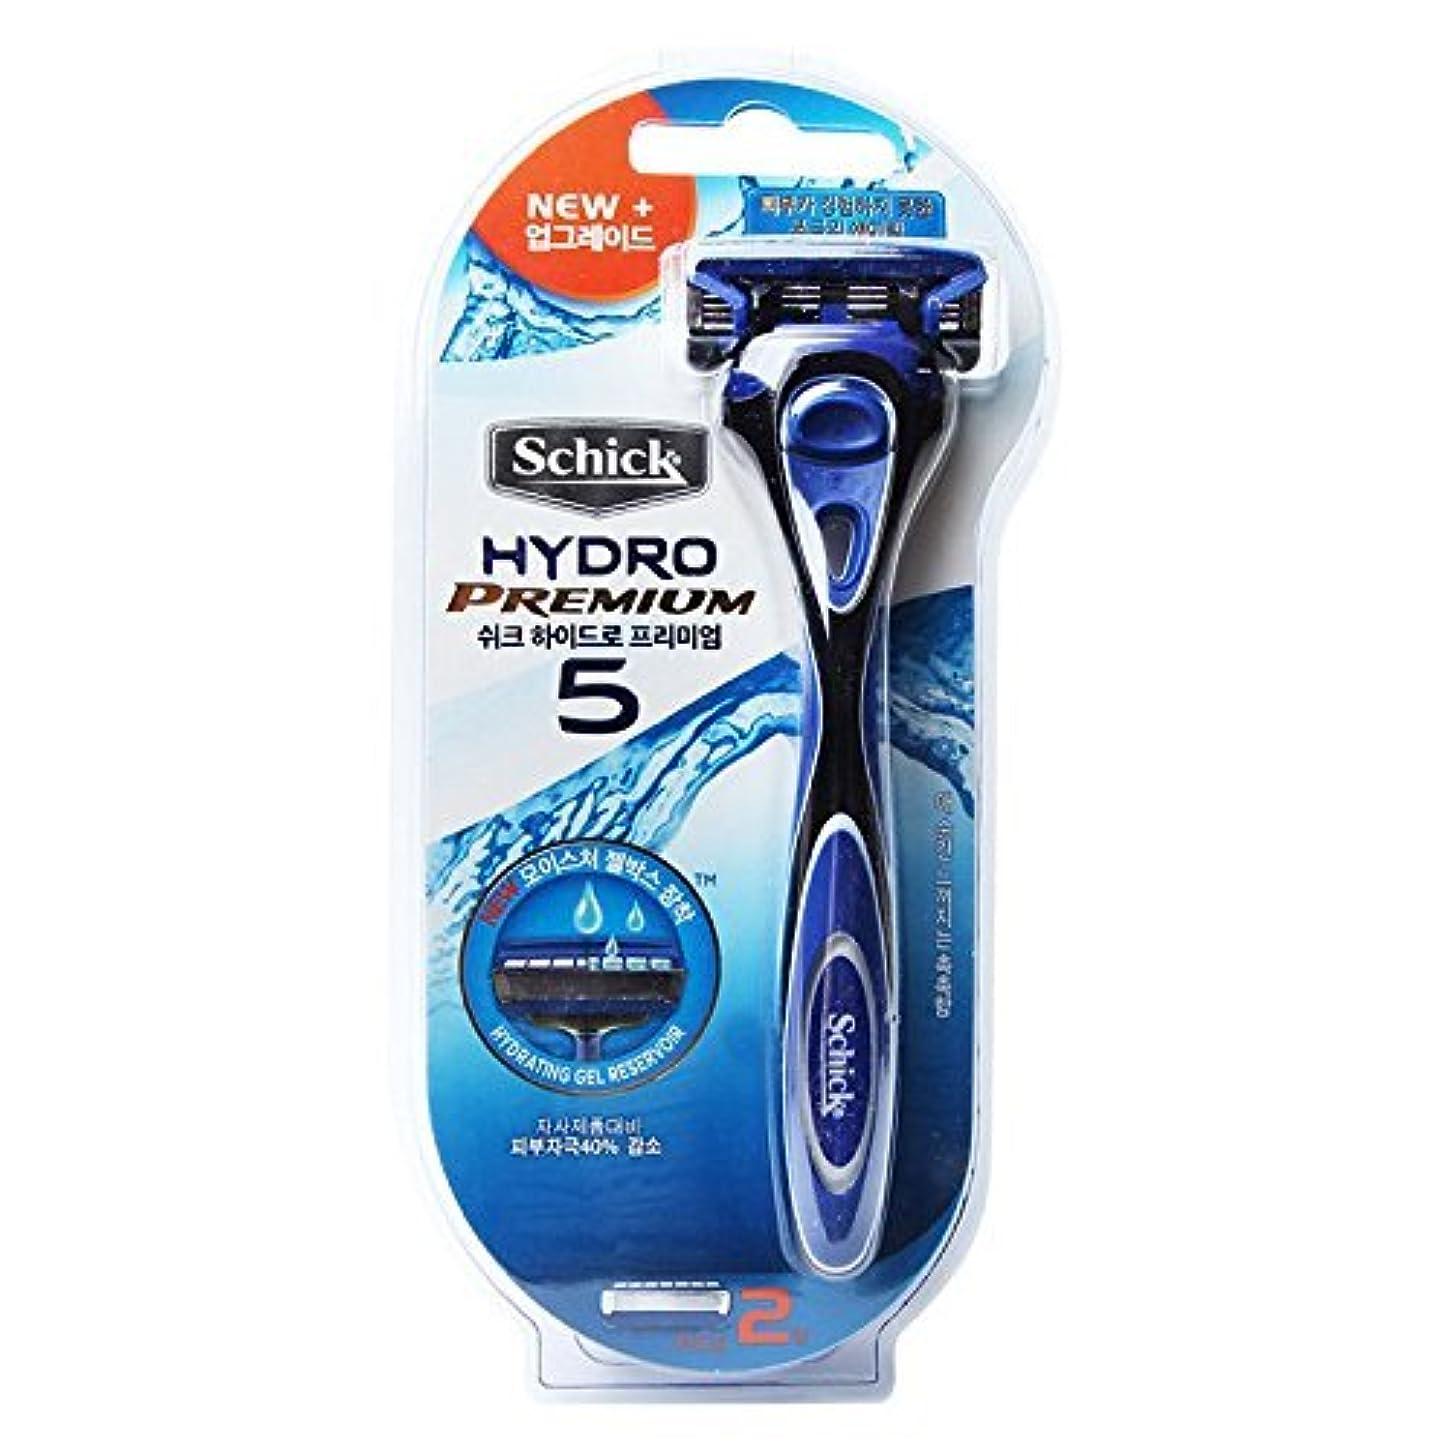 ペンフレンドだらしない行商人Schick Hydro 5 Premium トリマーで男性と2カミソリ詰め替え用カミソリ [並行輸入品]